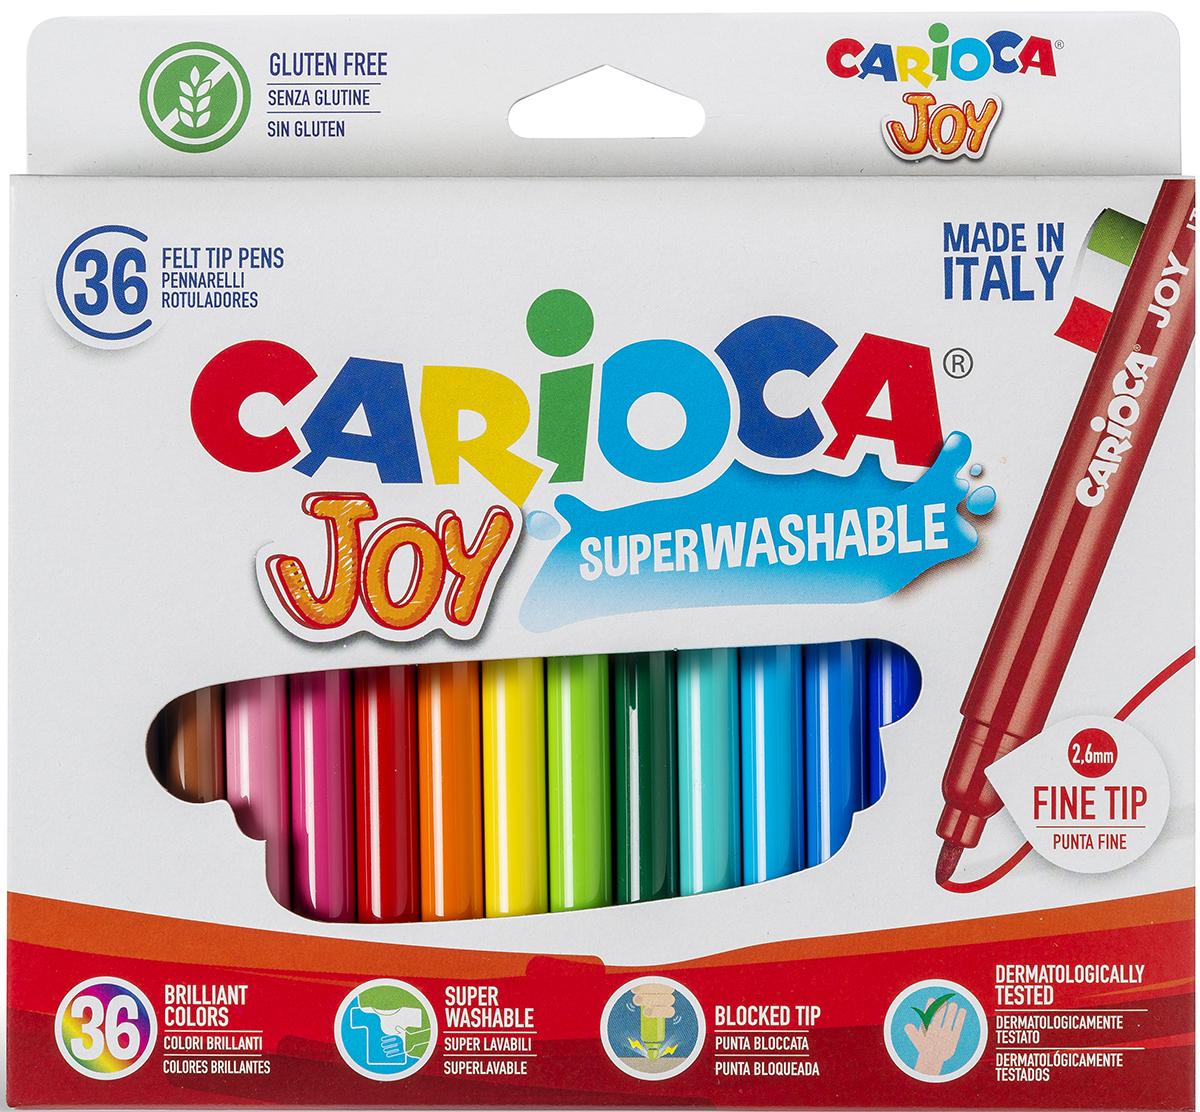 Набор фломастеров Carioca Joy, 36 цветов carioca набор фломастеров carioca joy 60 цв в чемоданчике картонном